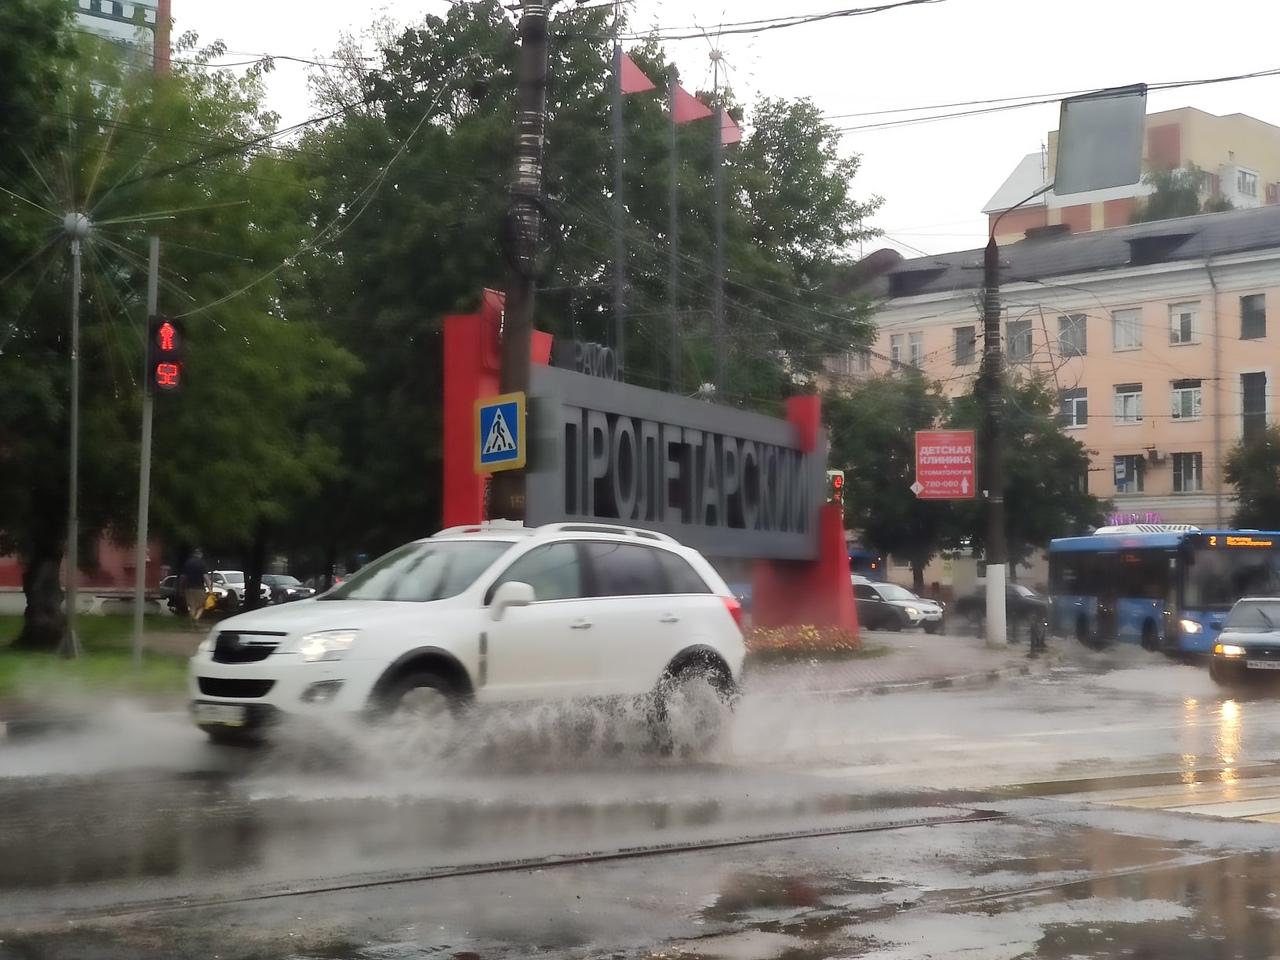 Поплыли: из-за ливня улицы Твери превратились в полноводные реки